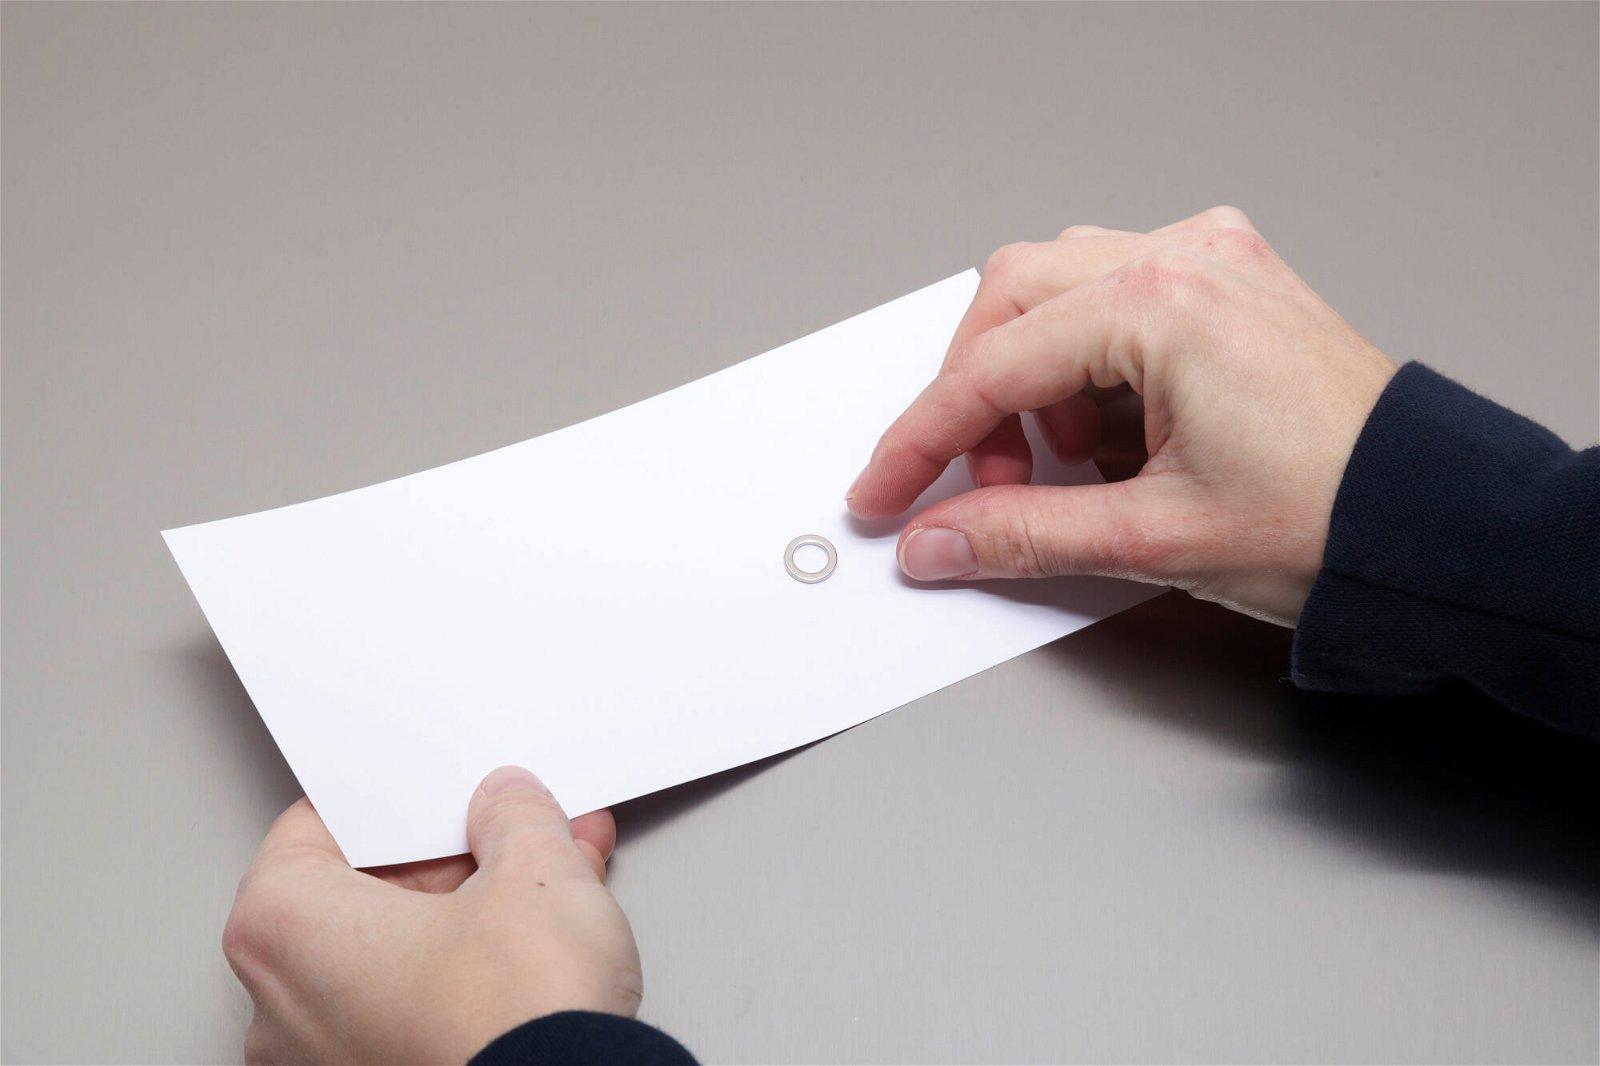 Neodym-Ringmagnet, Ø 12 mm, 0,5 kg Haftkraft, 10 St./Set, hellsilber